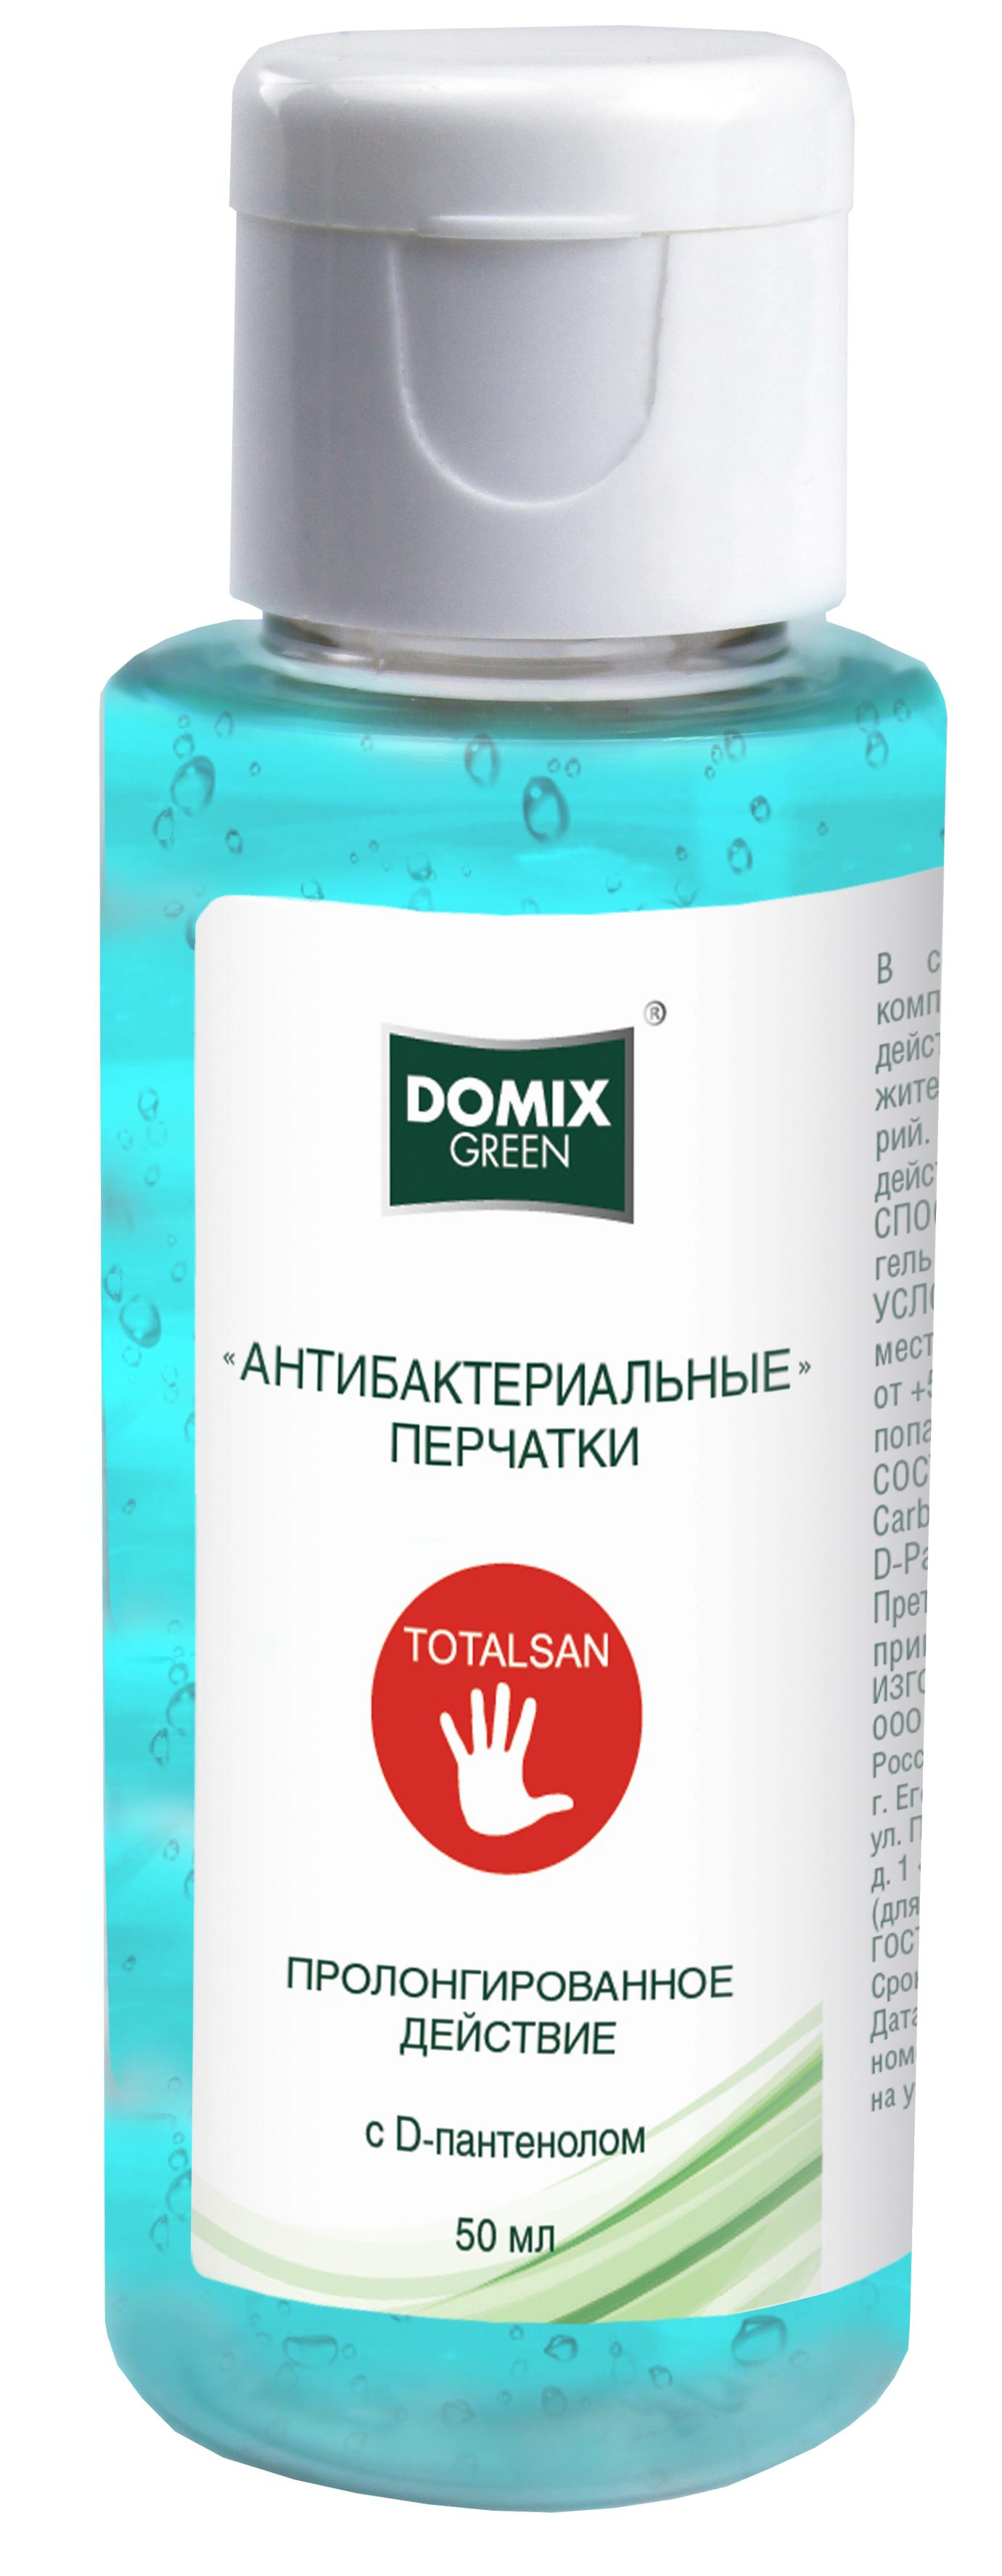 DOMIX Перчатки антибактериальные с д-пантенолом / TOTALSAN DG 50 мл